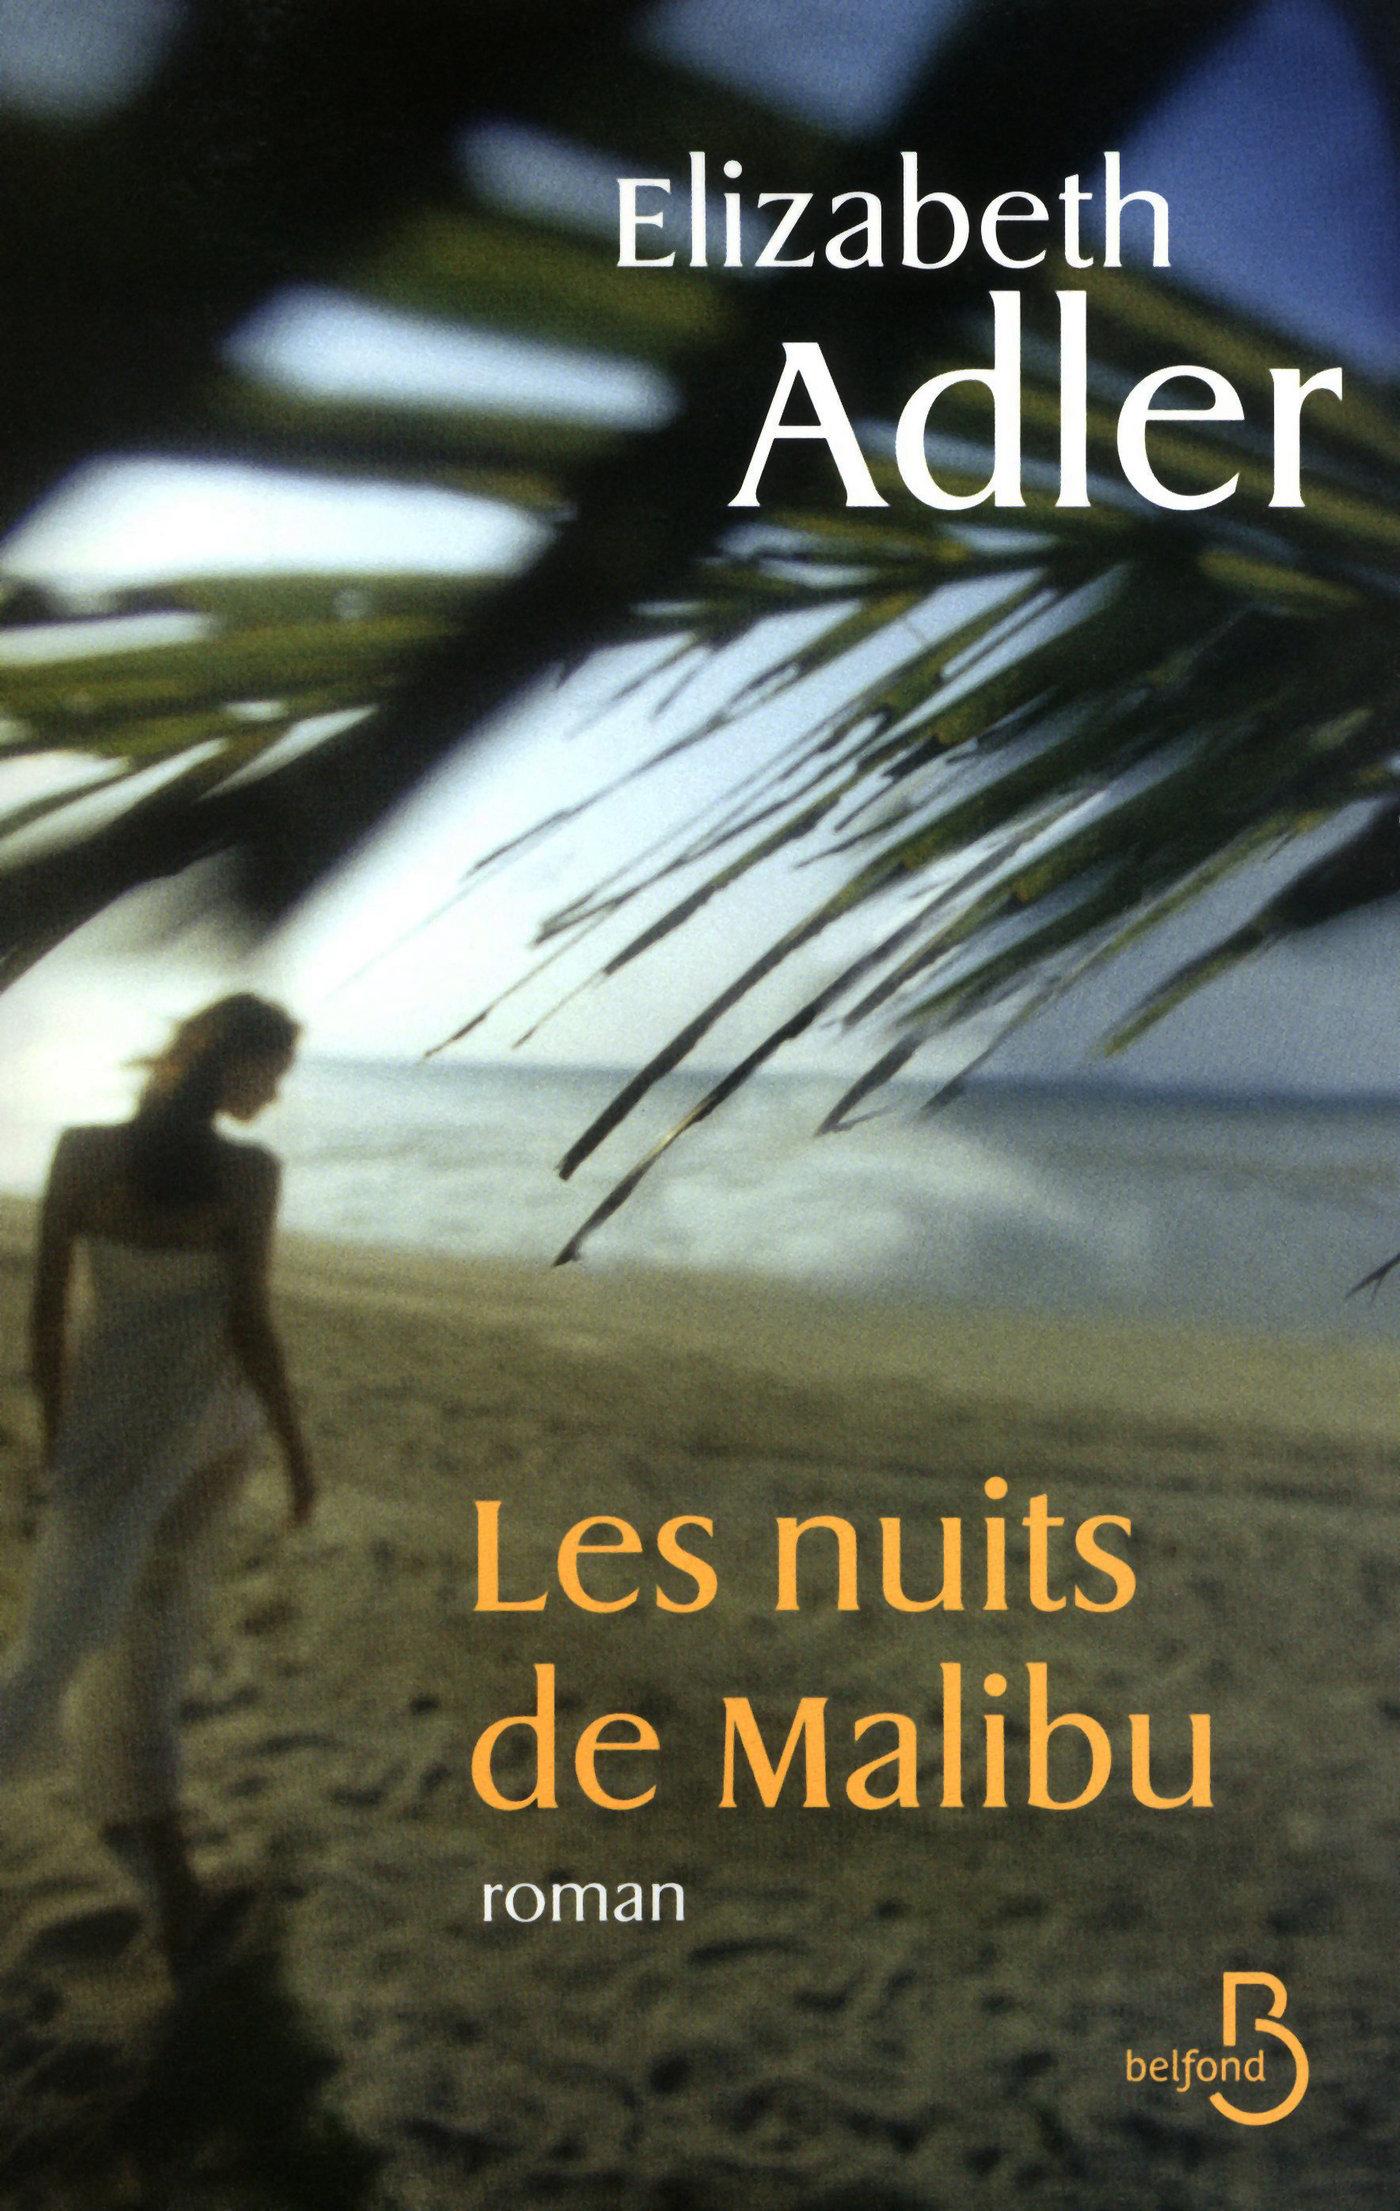 Les nuits de Malibu (ebook)